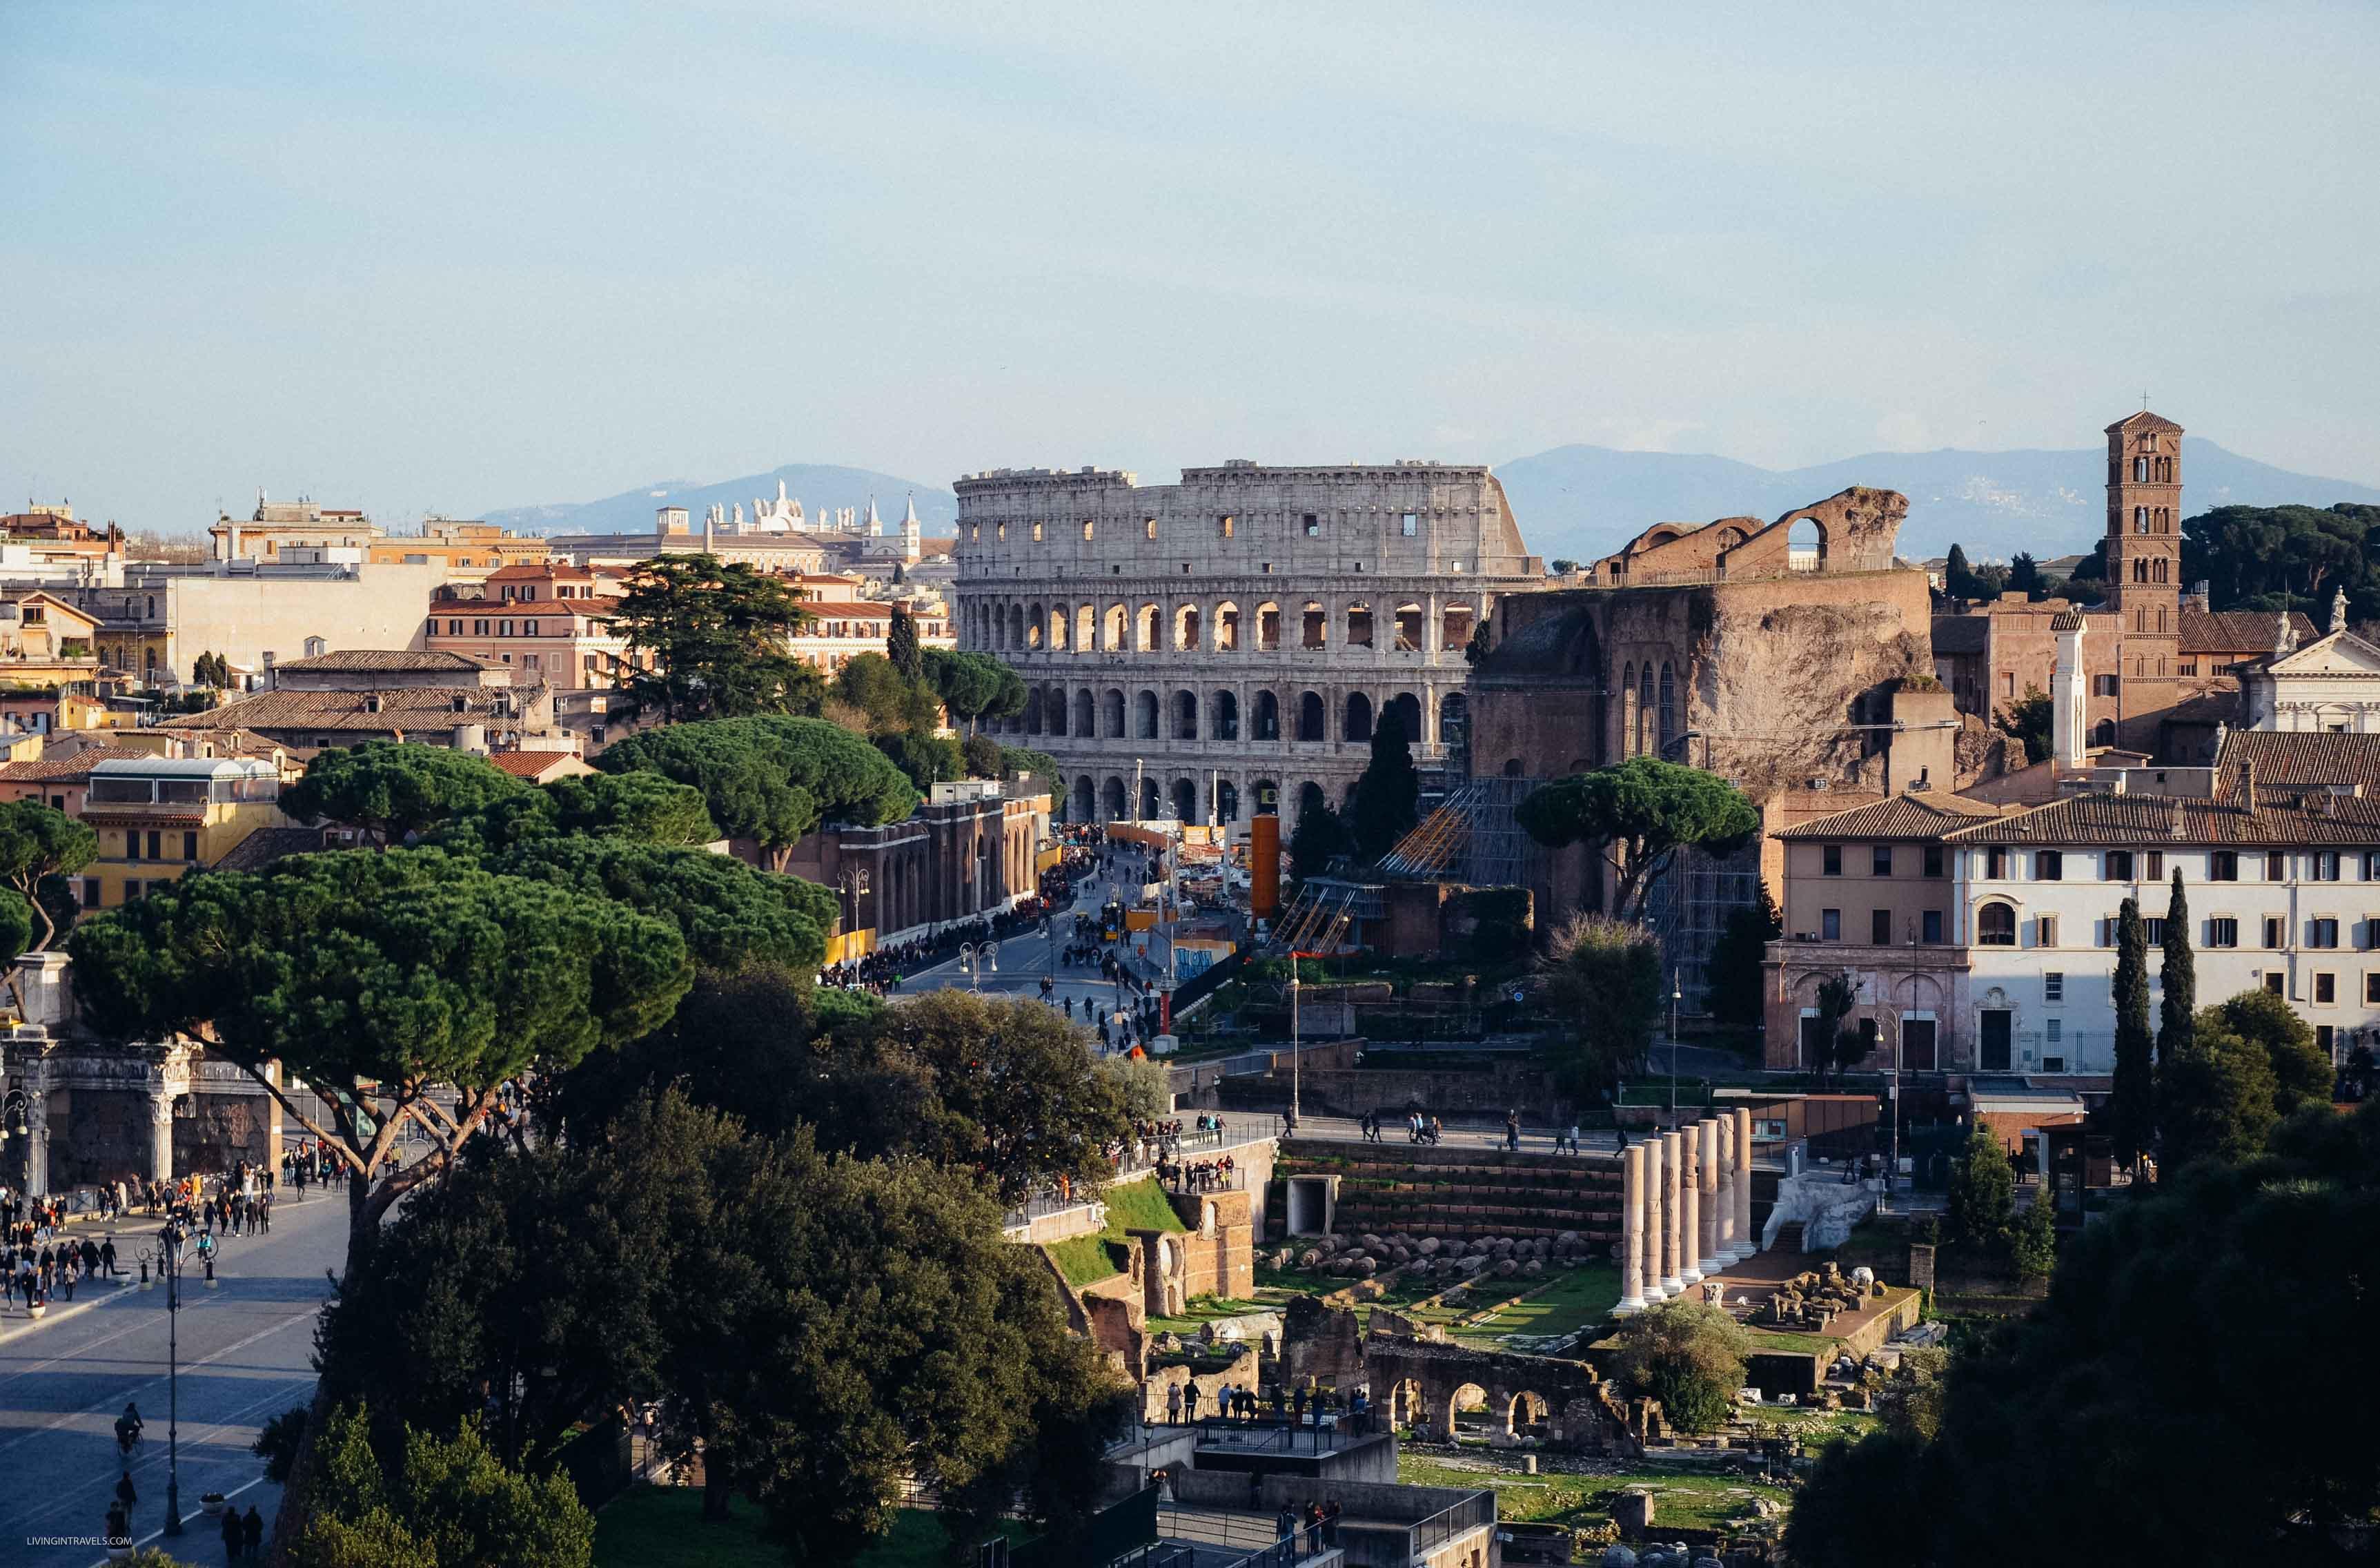 Римский Форум и Колизей. Рим для новичков или как увидеть город бесплатно (почти)